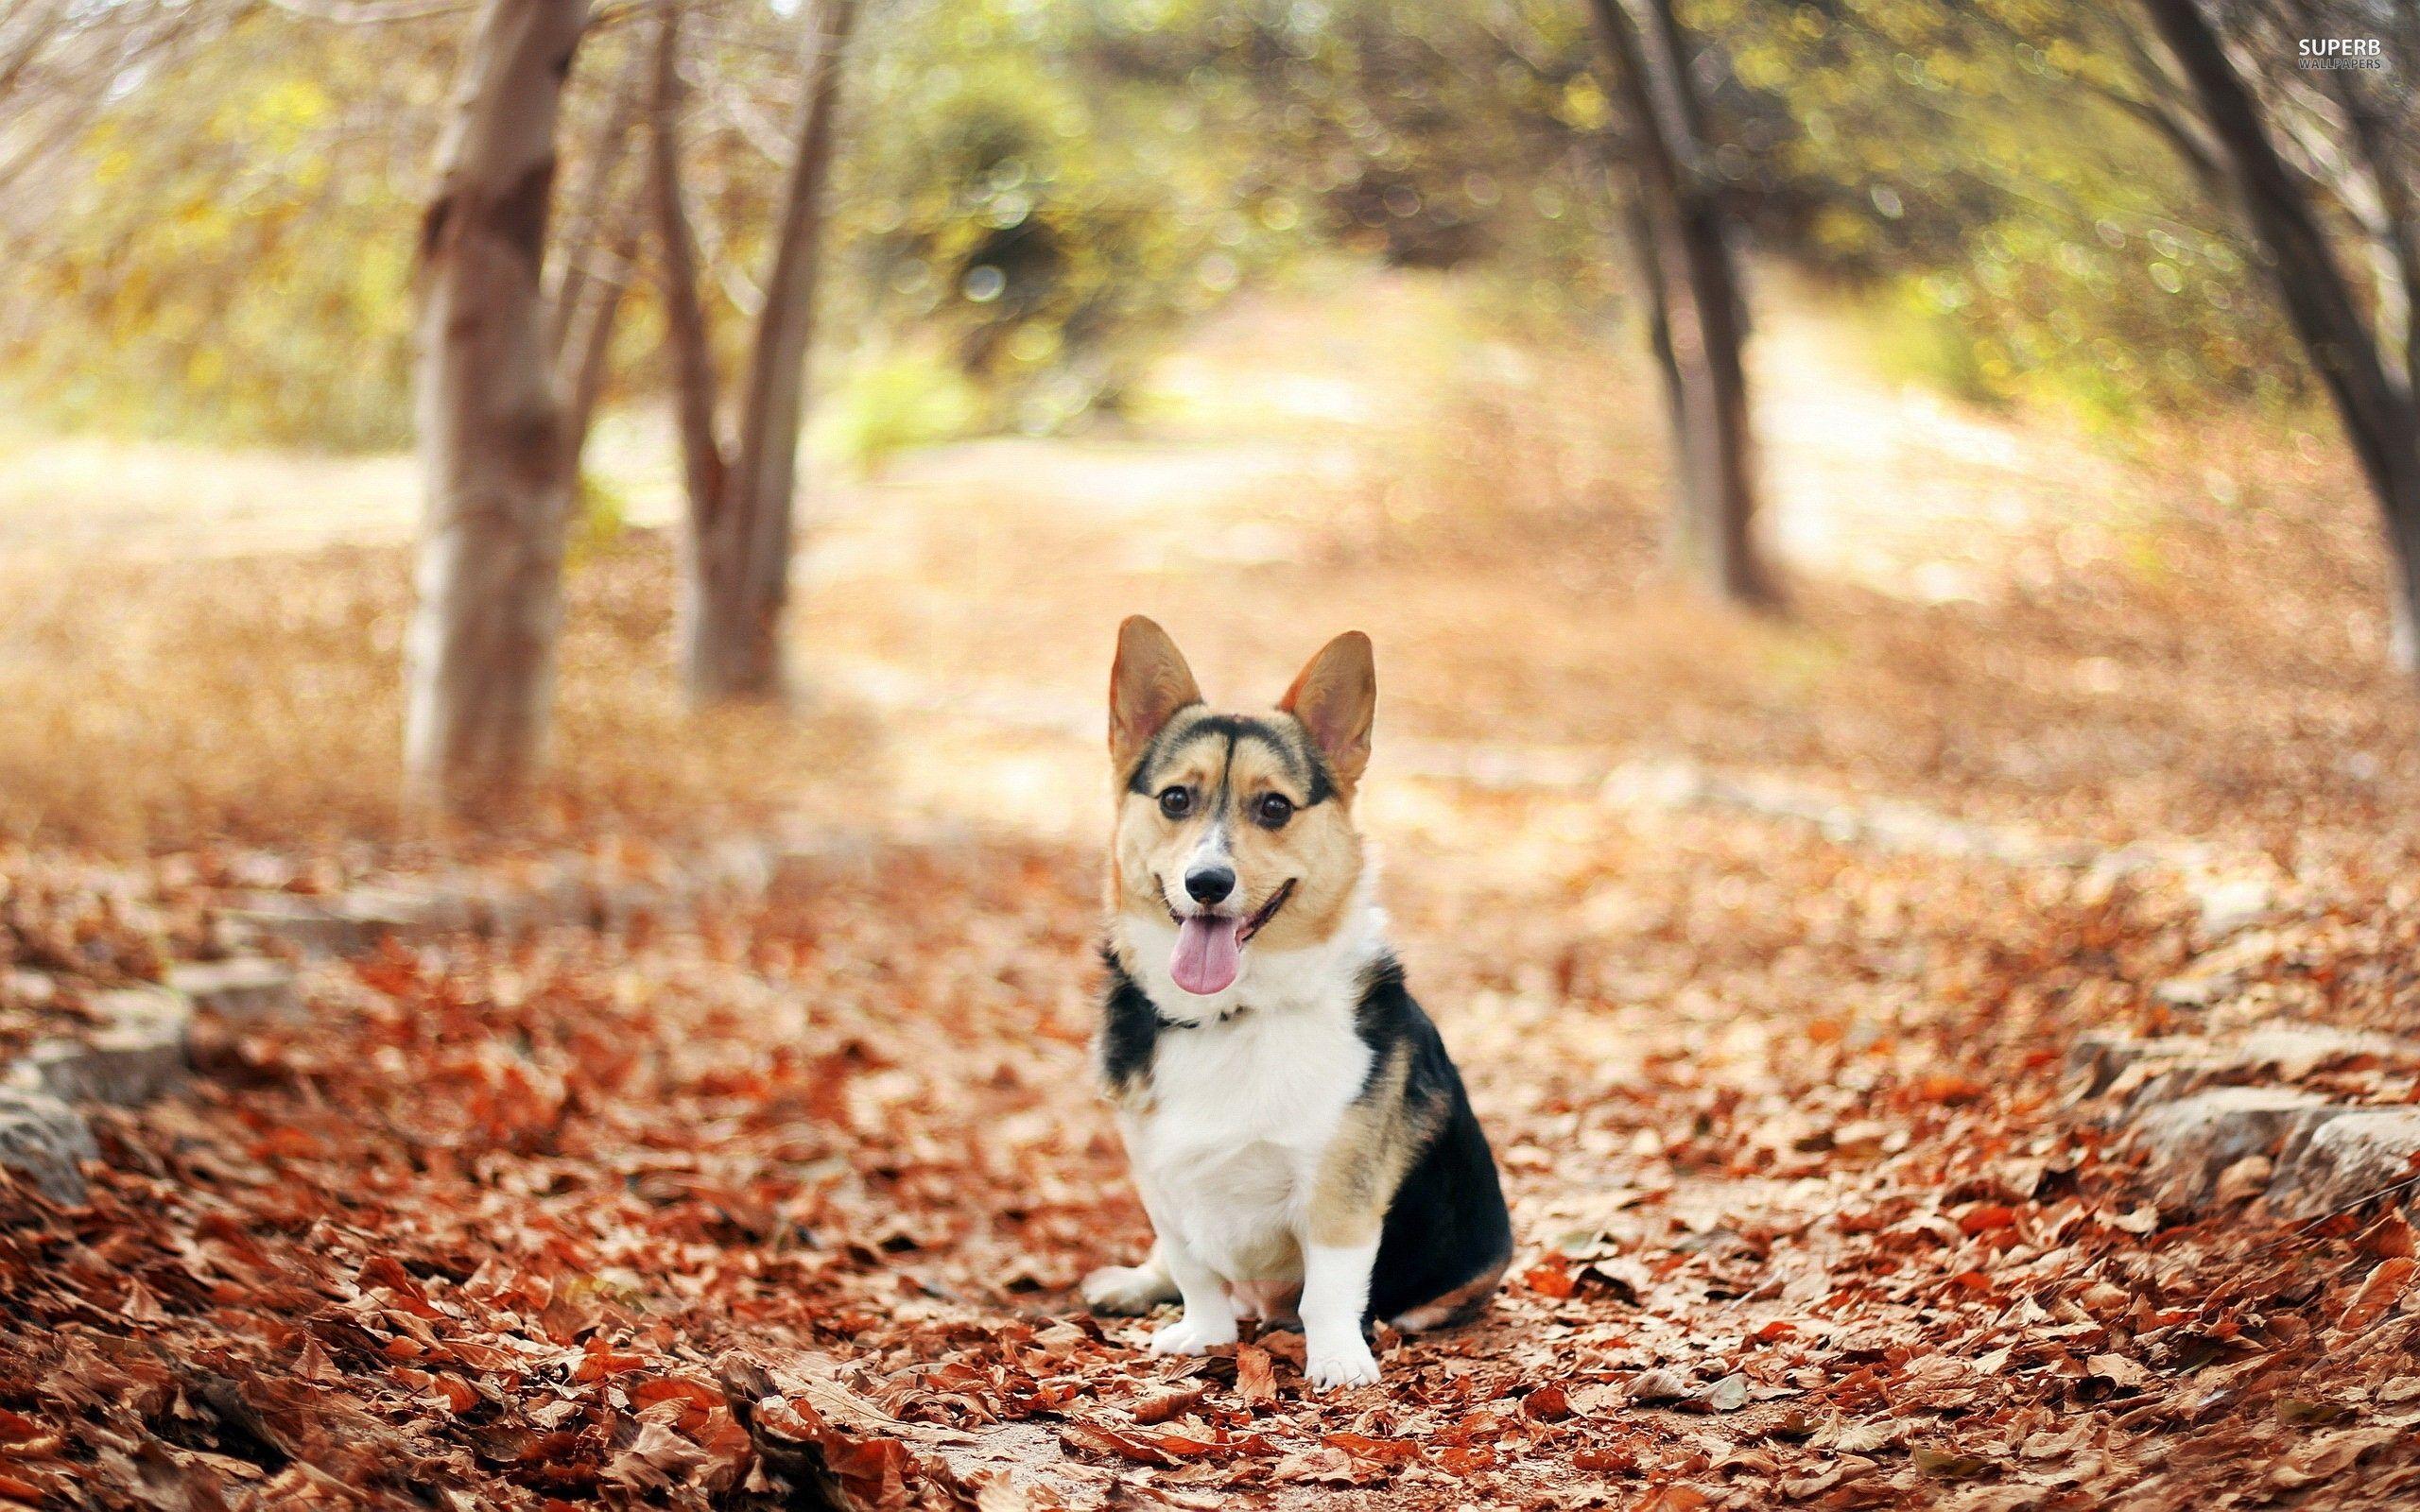 Download Cute Welsh Corgi Puppy Wallpaper Images 0g8 Ngepluk Com Cute Dog Wallpaper Corgi Welsh Corgi Puppies